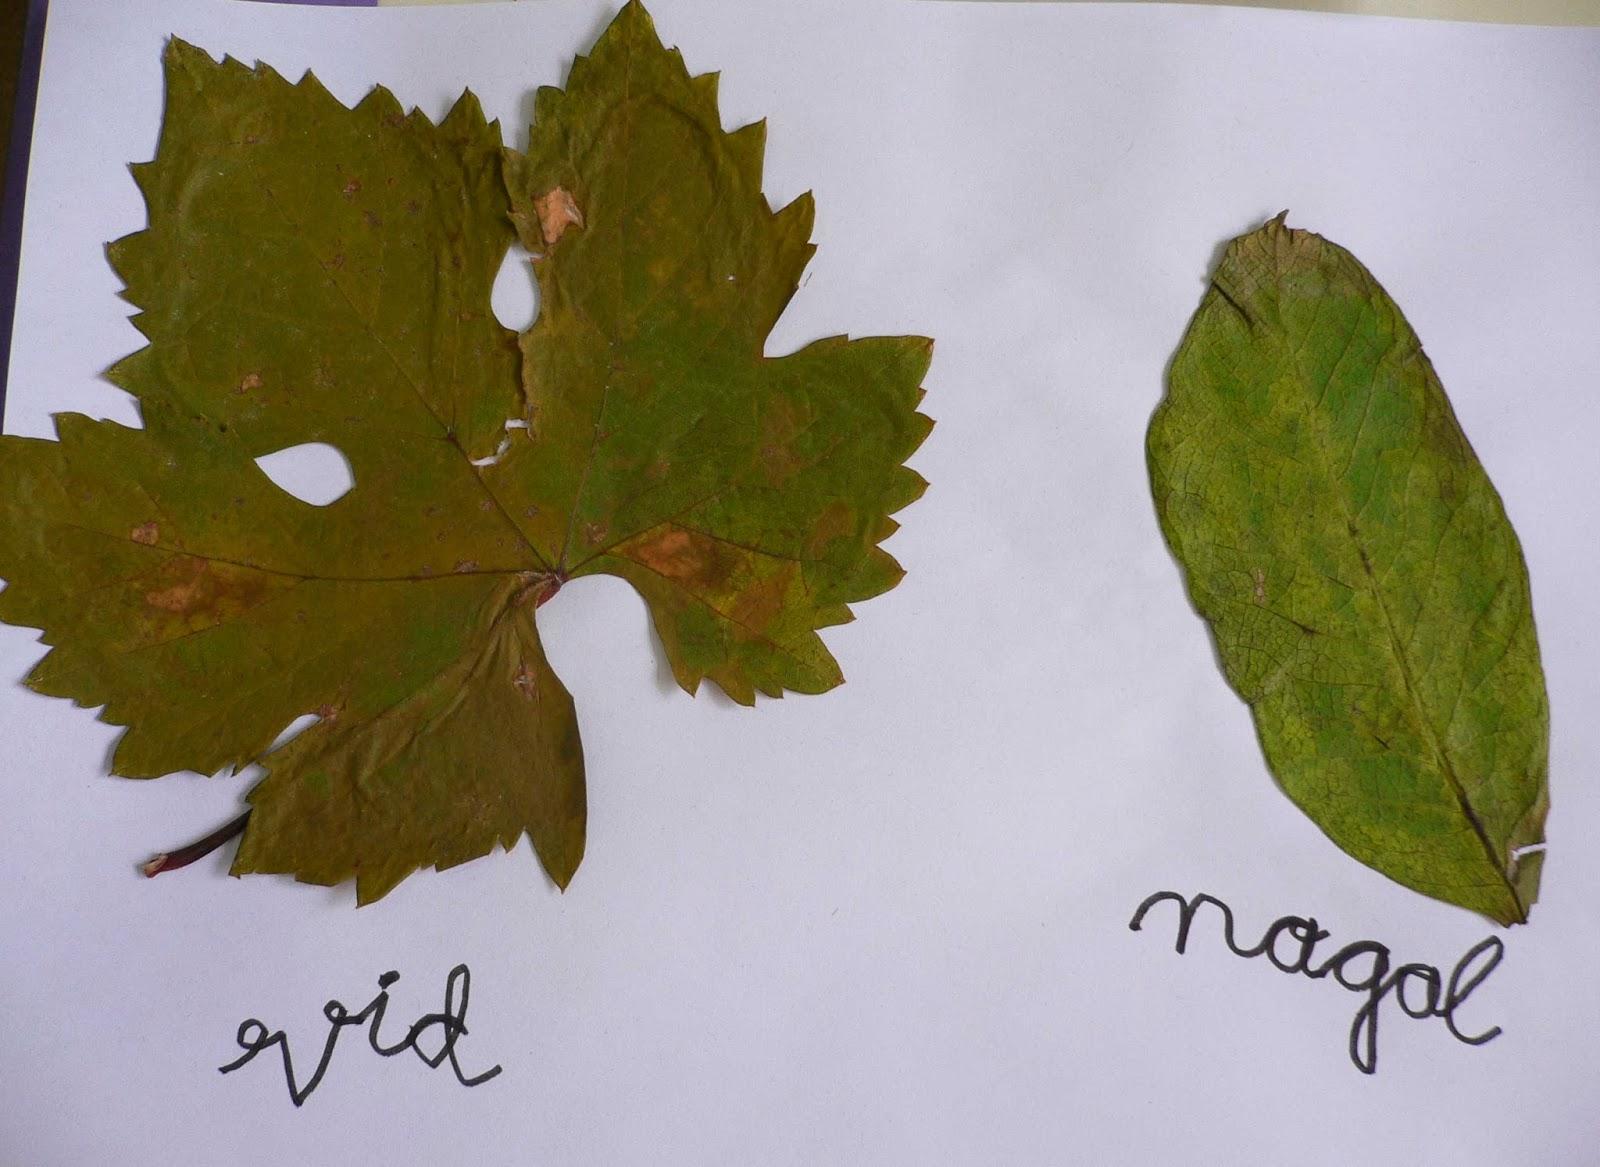 Descubriendo y creando juntos naturaleza for Arboles de hoja perenne con sus nombres